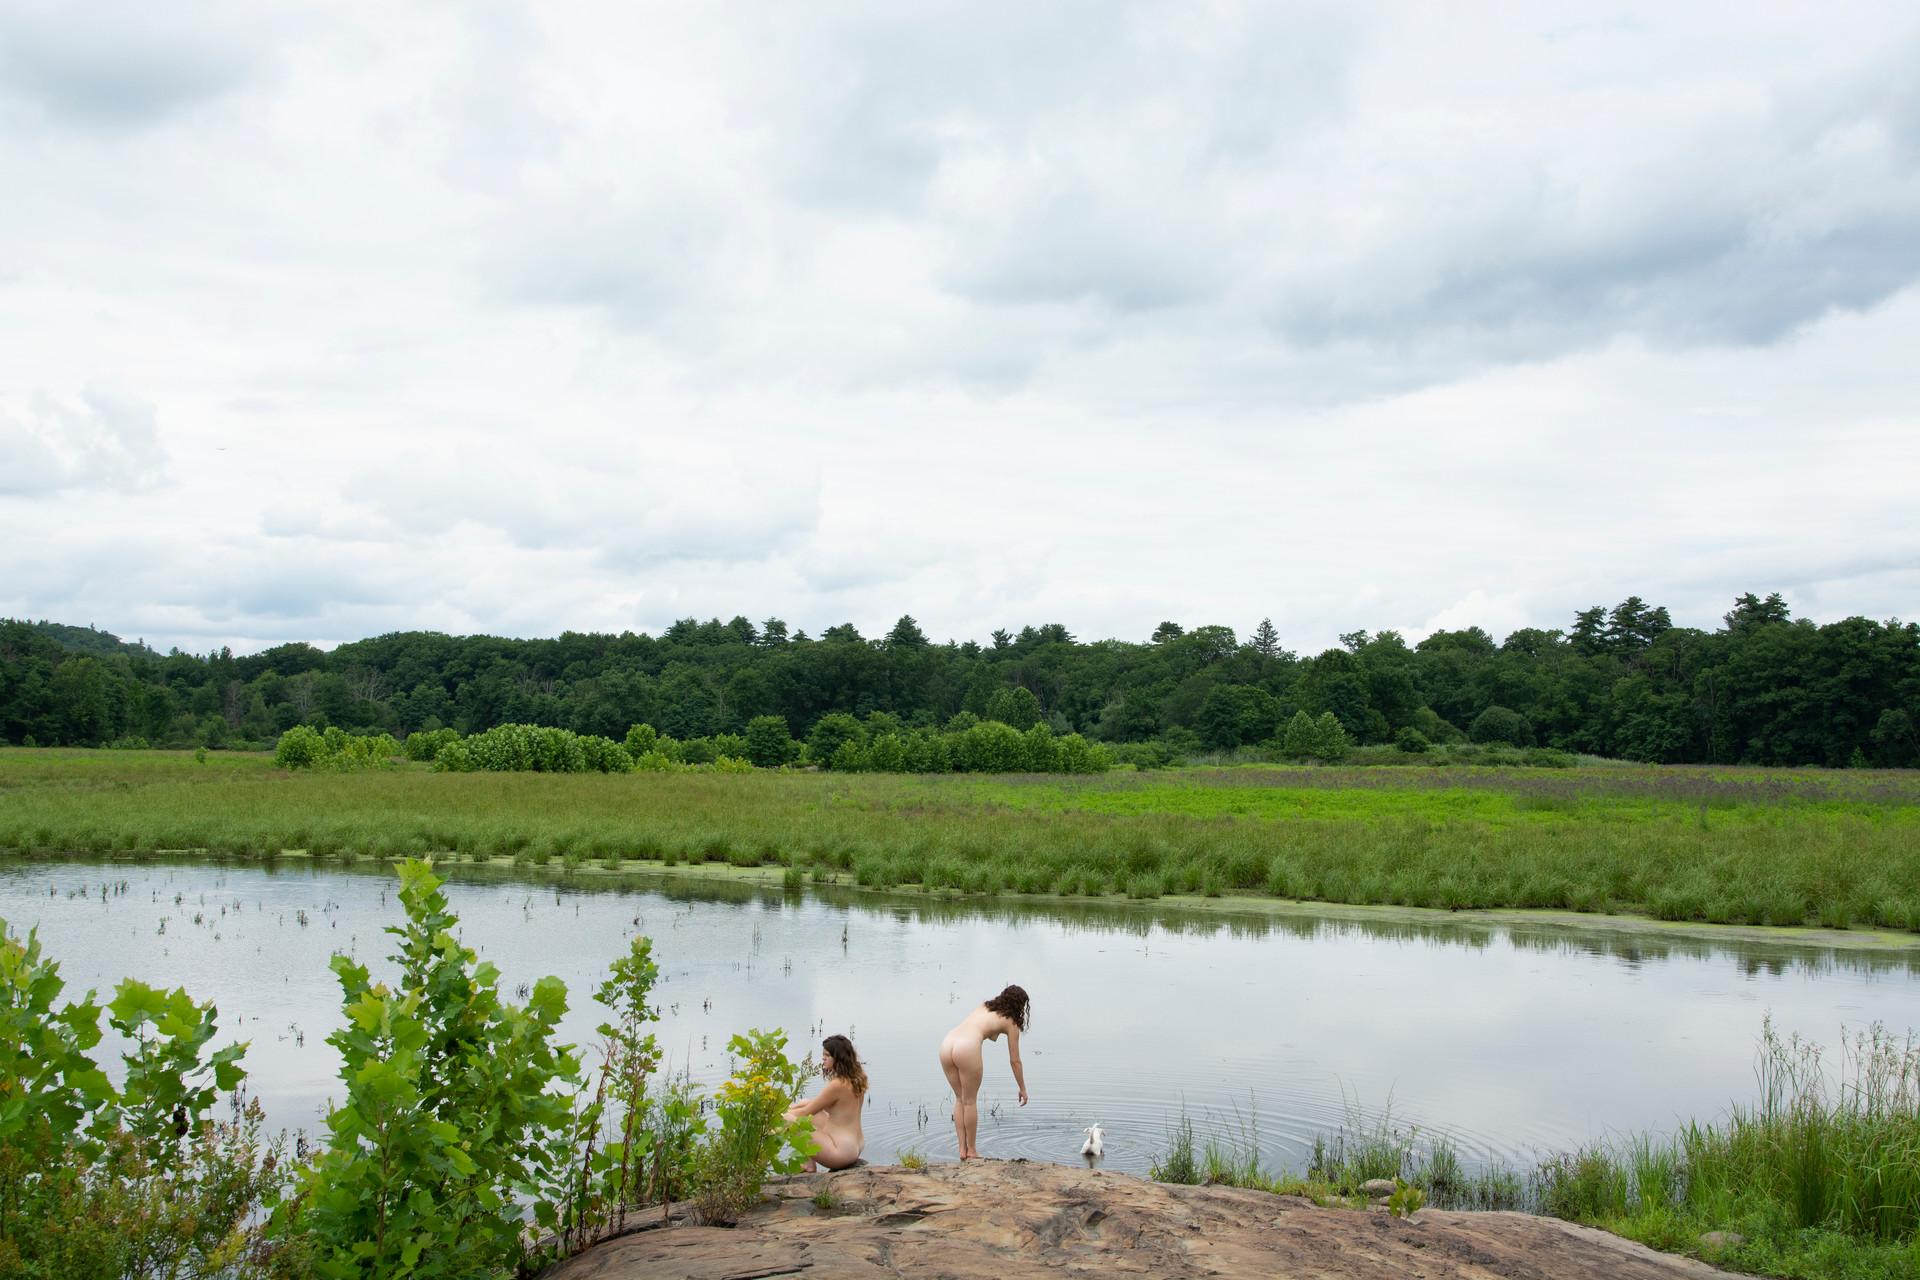 At the Dried Lake - Summer